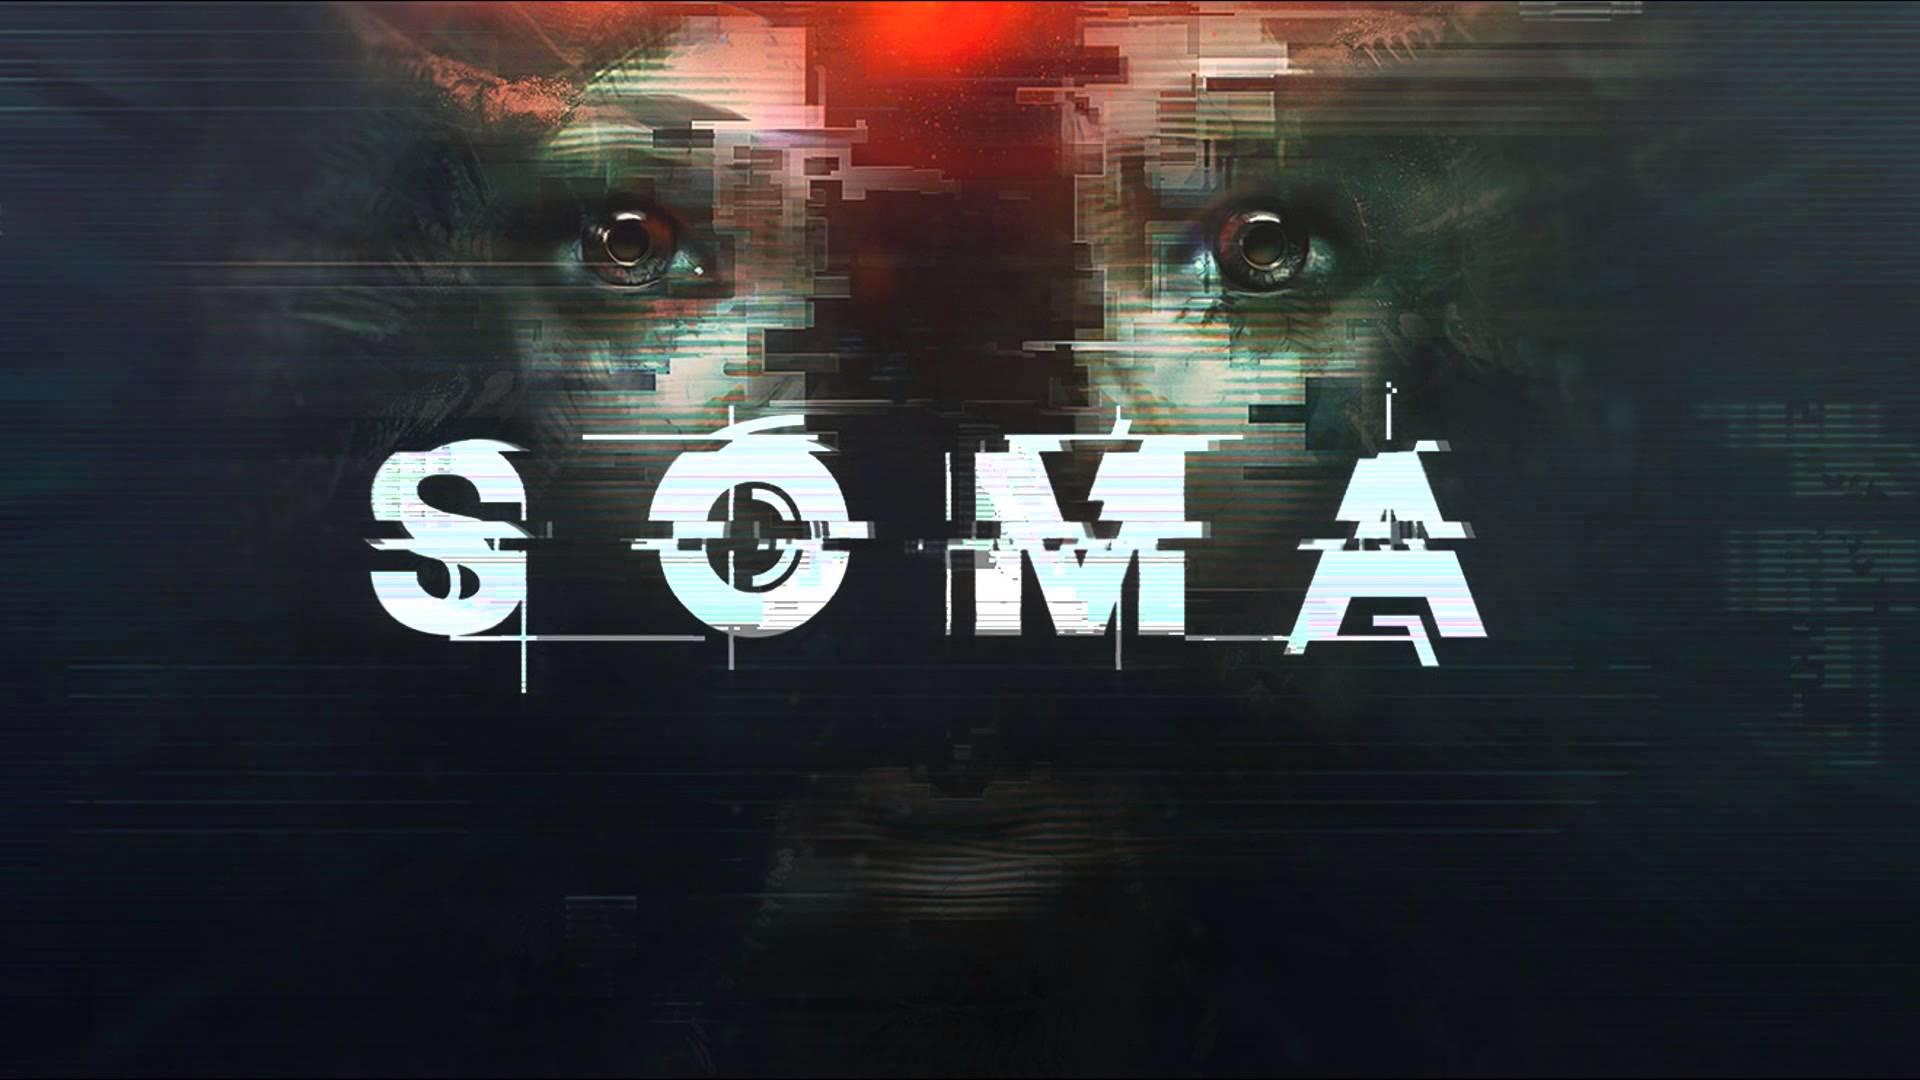 SOMA HD Wallpaper 7   1920 X 1080 stmednet 1920x1080